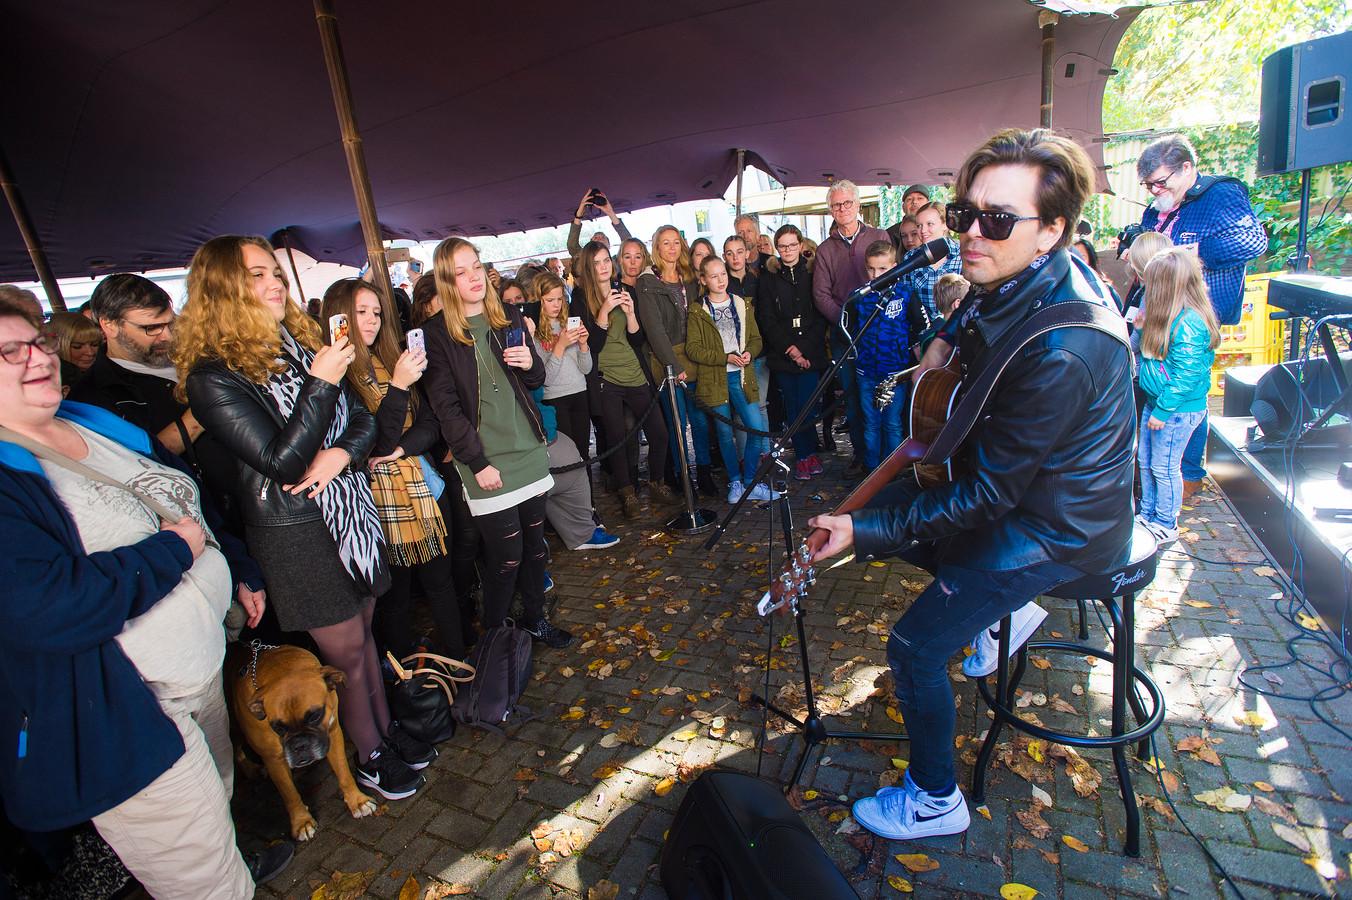 Waylon gaf in 2016 een miniconcert bij Keymusic aan de Asselsestraat in Apeldoorn.